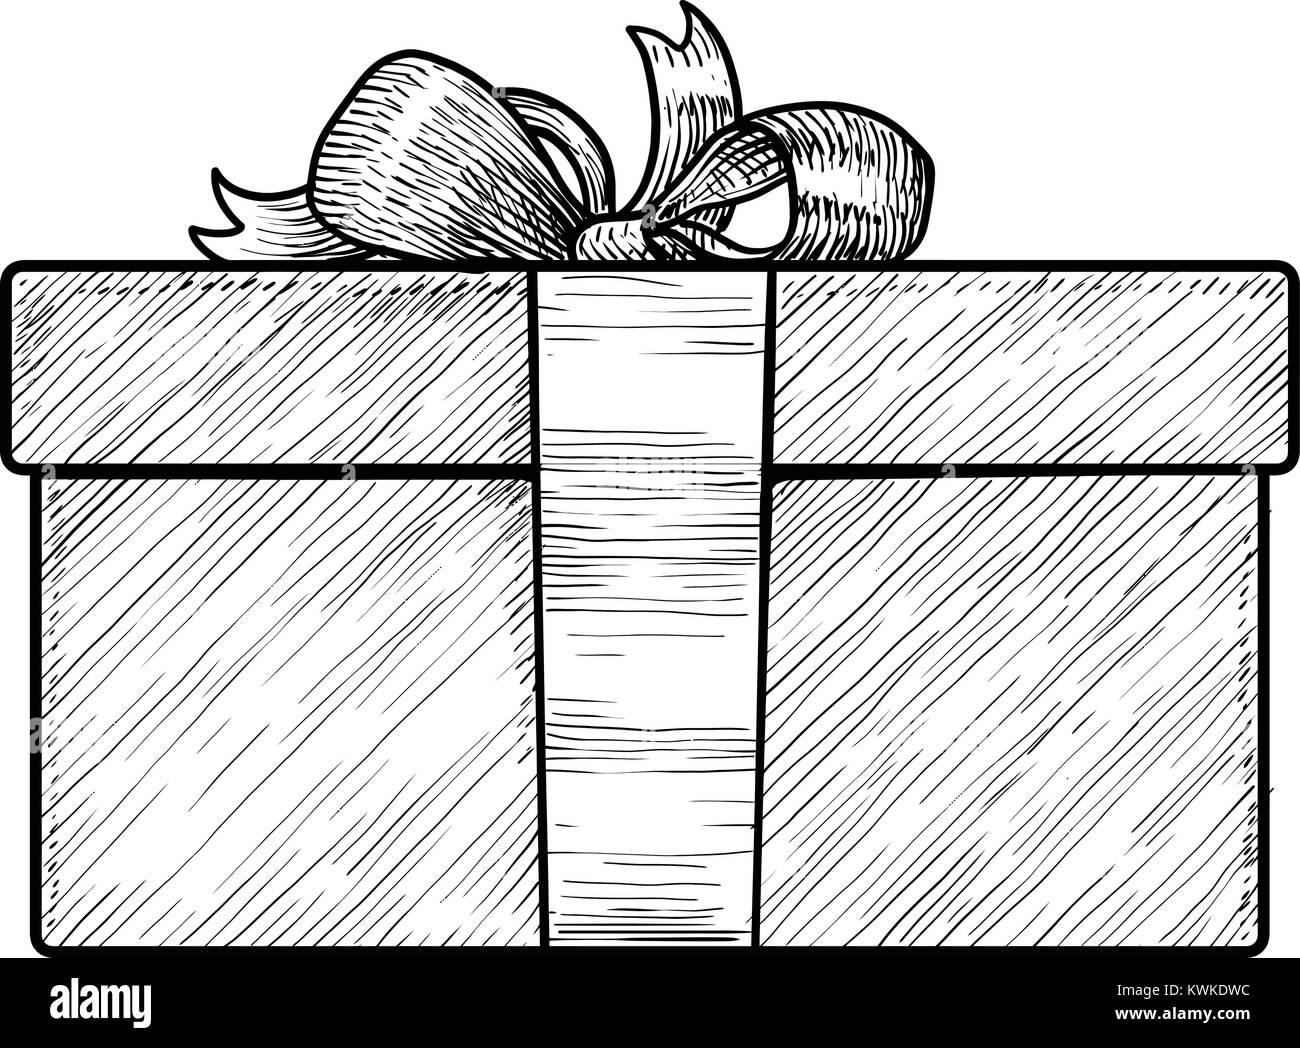 Ilustración De La Caja De Regalo Dibujo Grabado Tinta El Arte